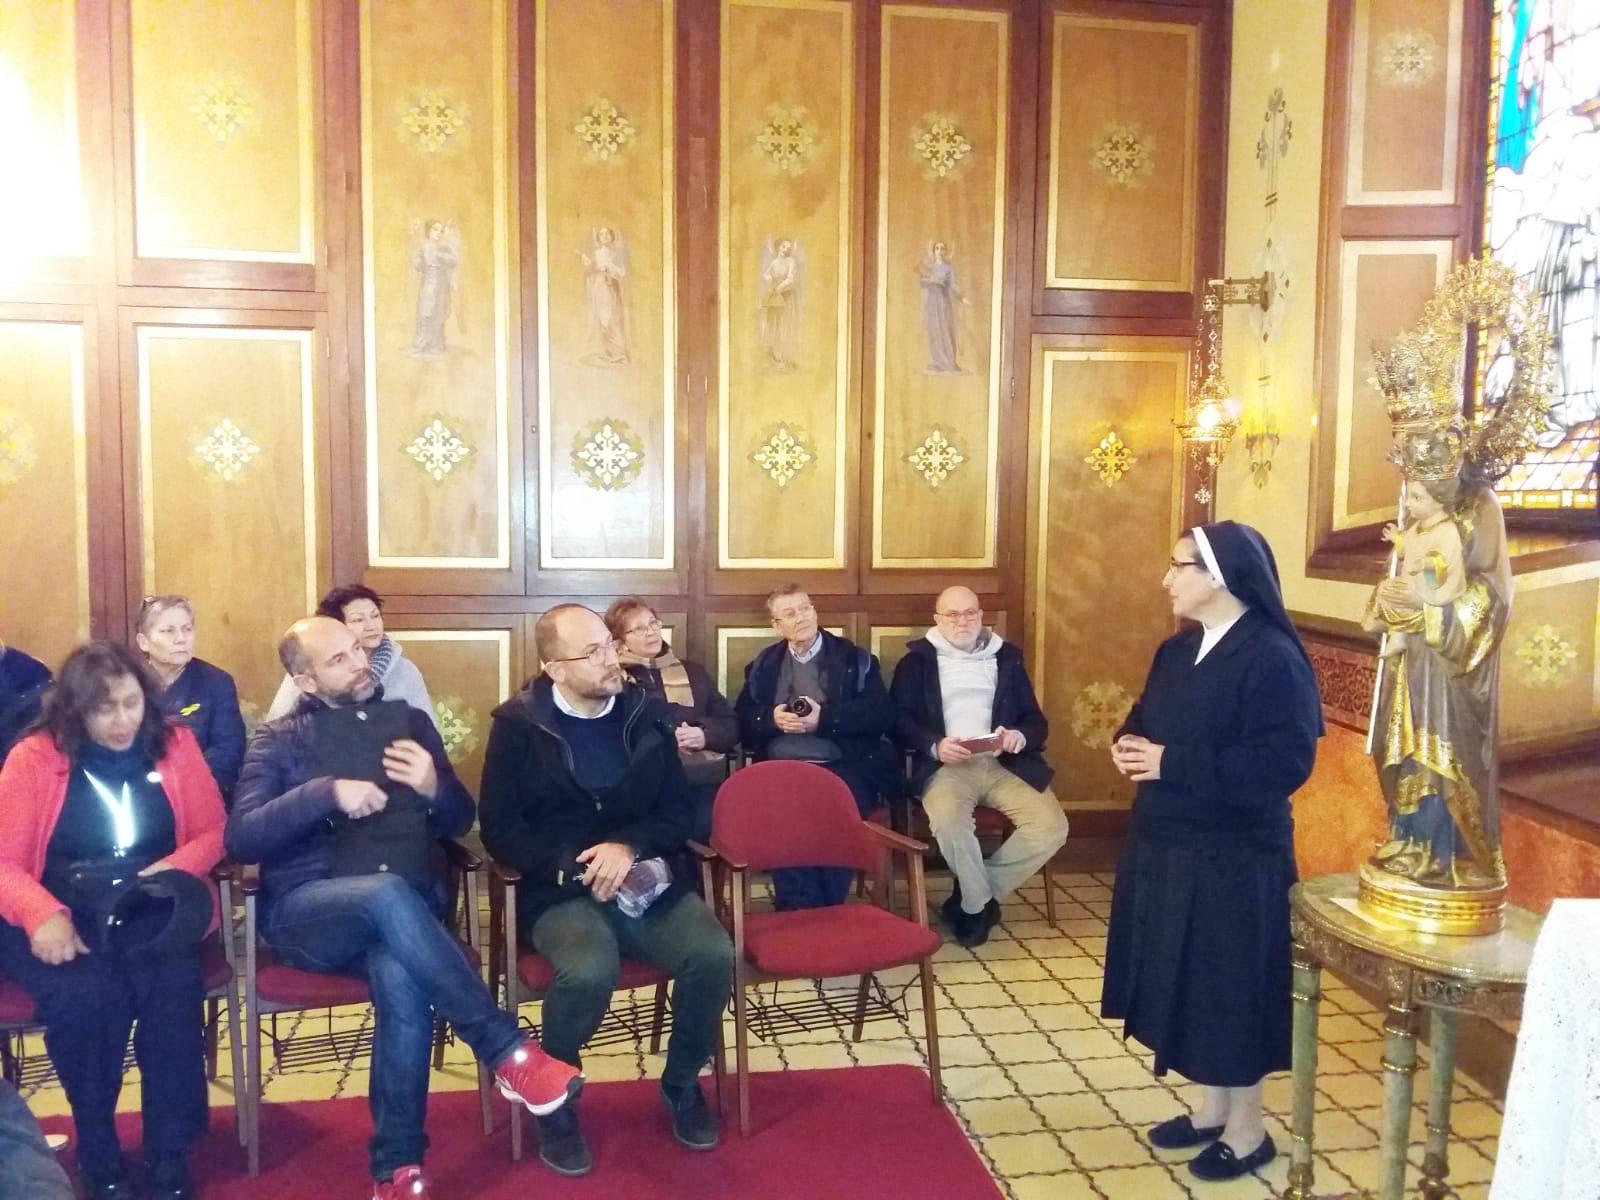 visita guiada Madre Mari Carmen Guerrero